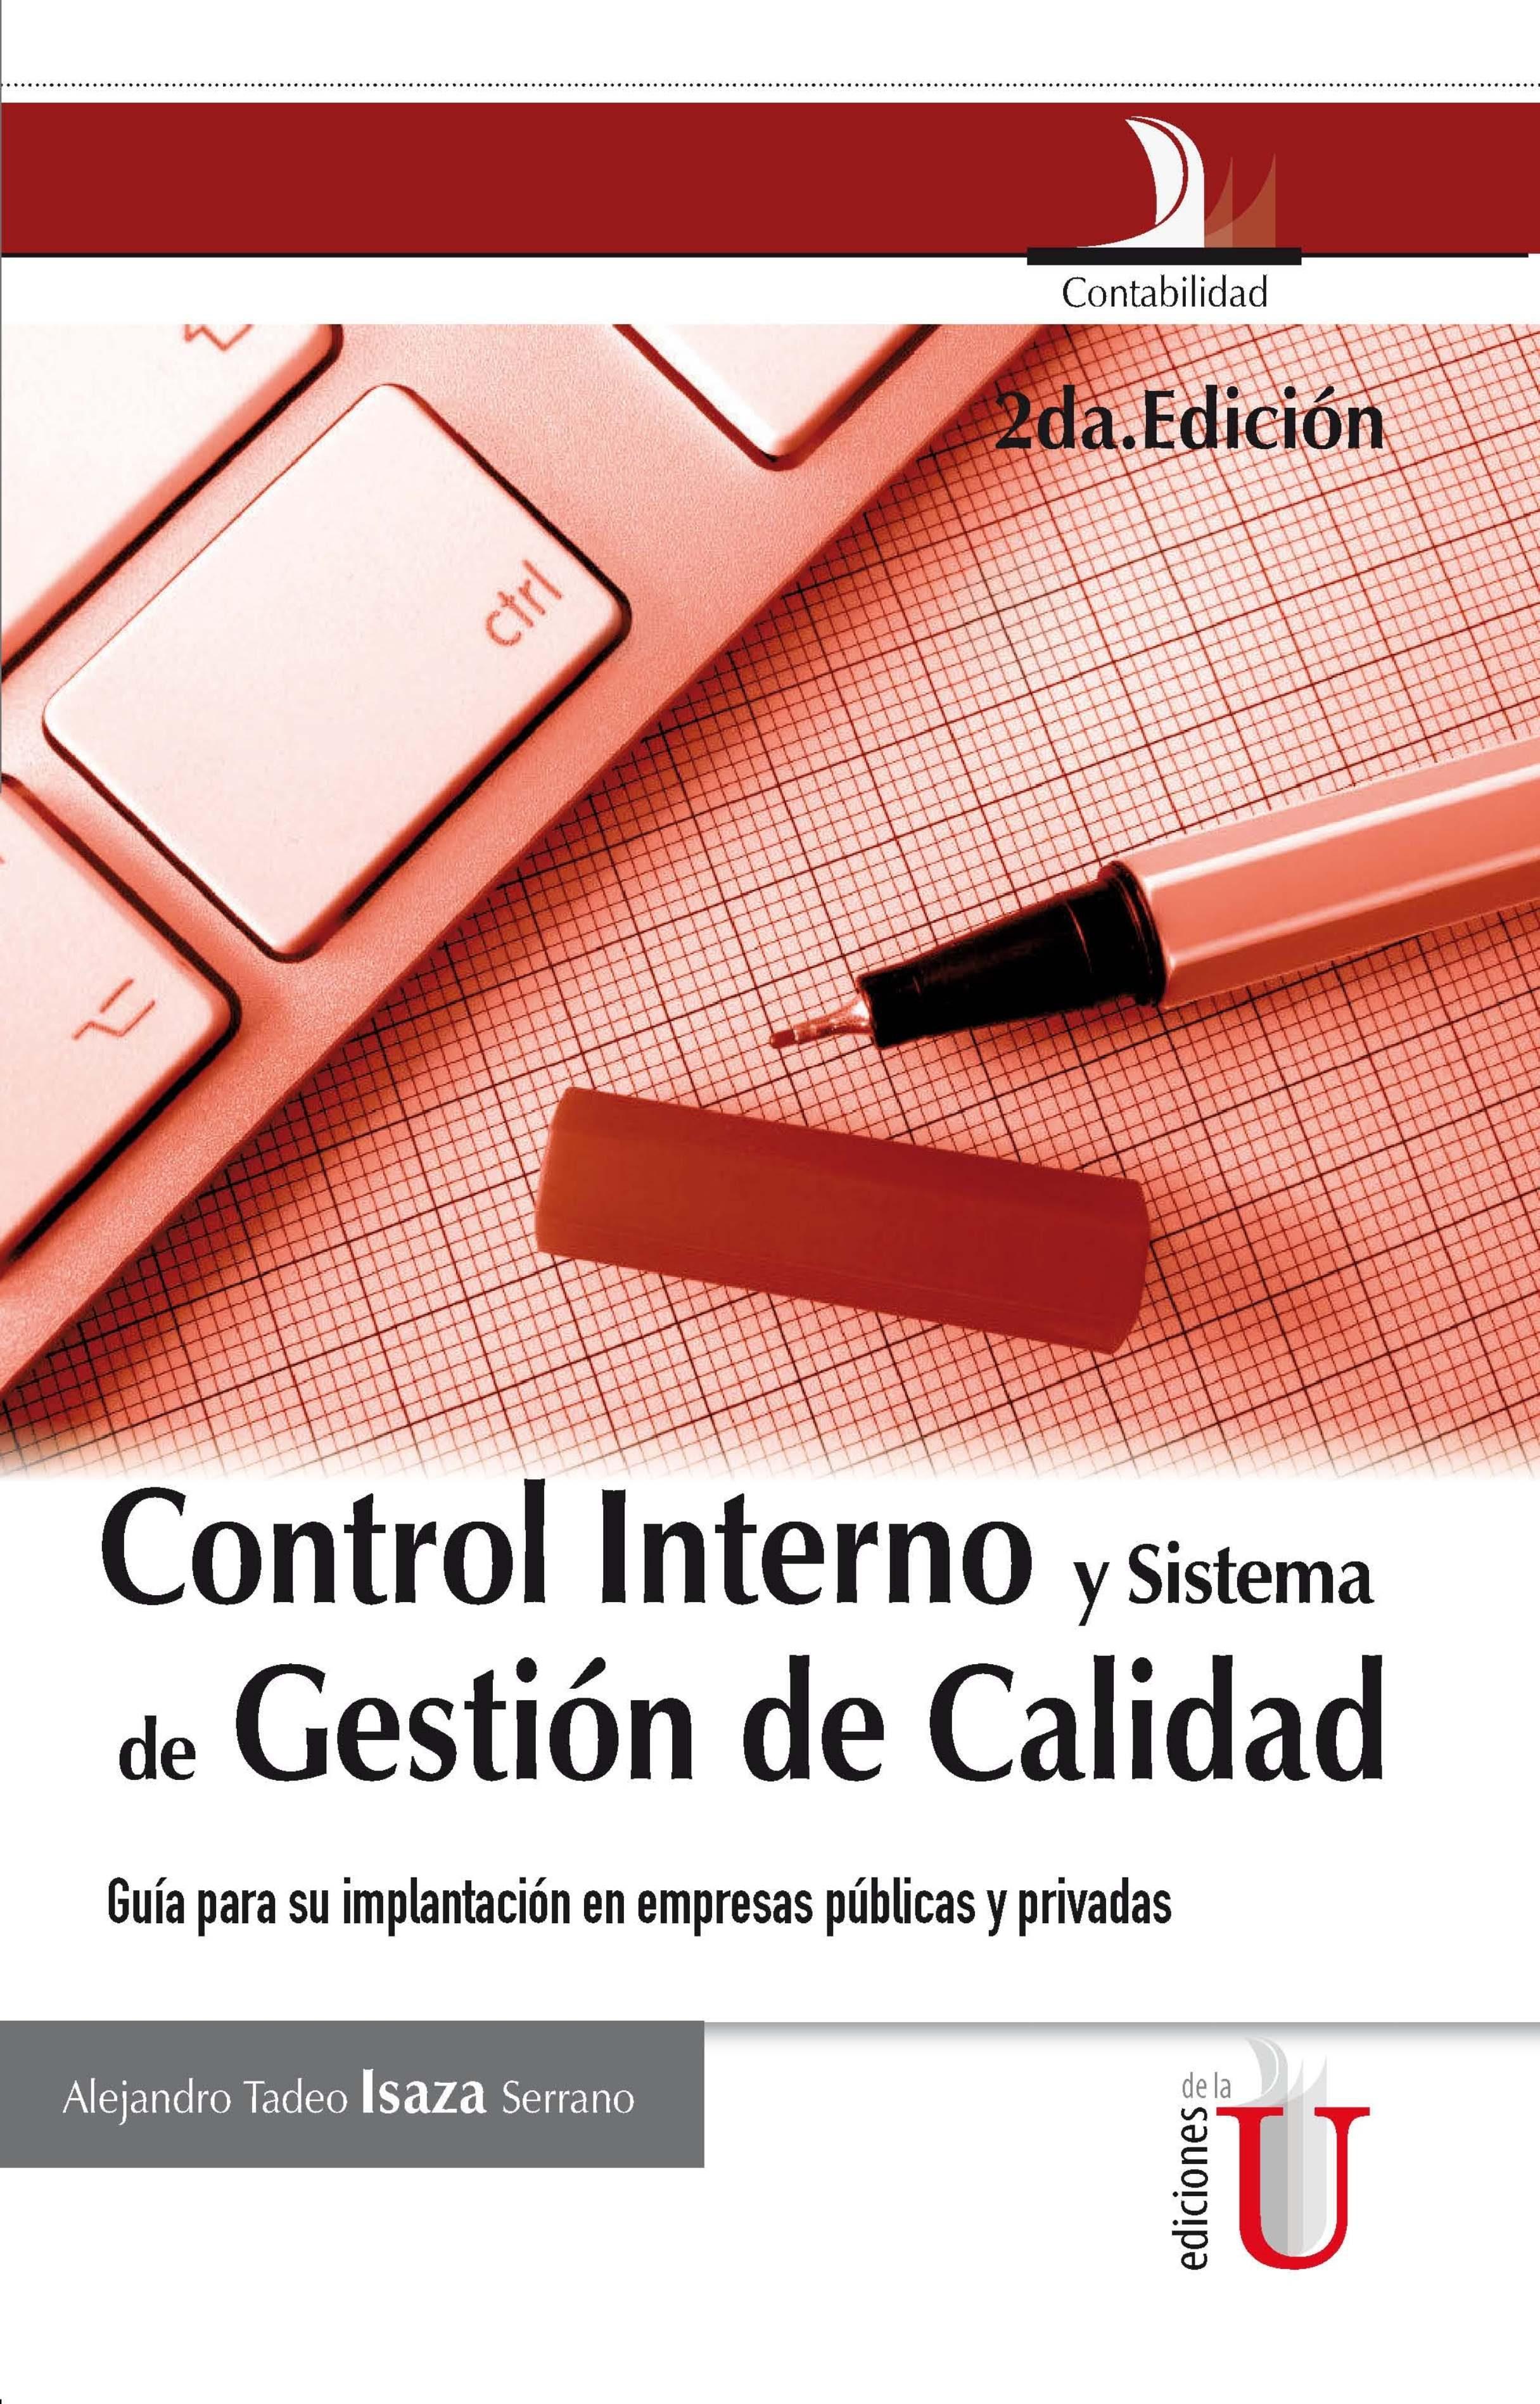 CONTROL INTERNO Y SISTEMA DE GESTION DE CALIDAD EBOOK ... @tataya.com.mx